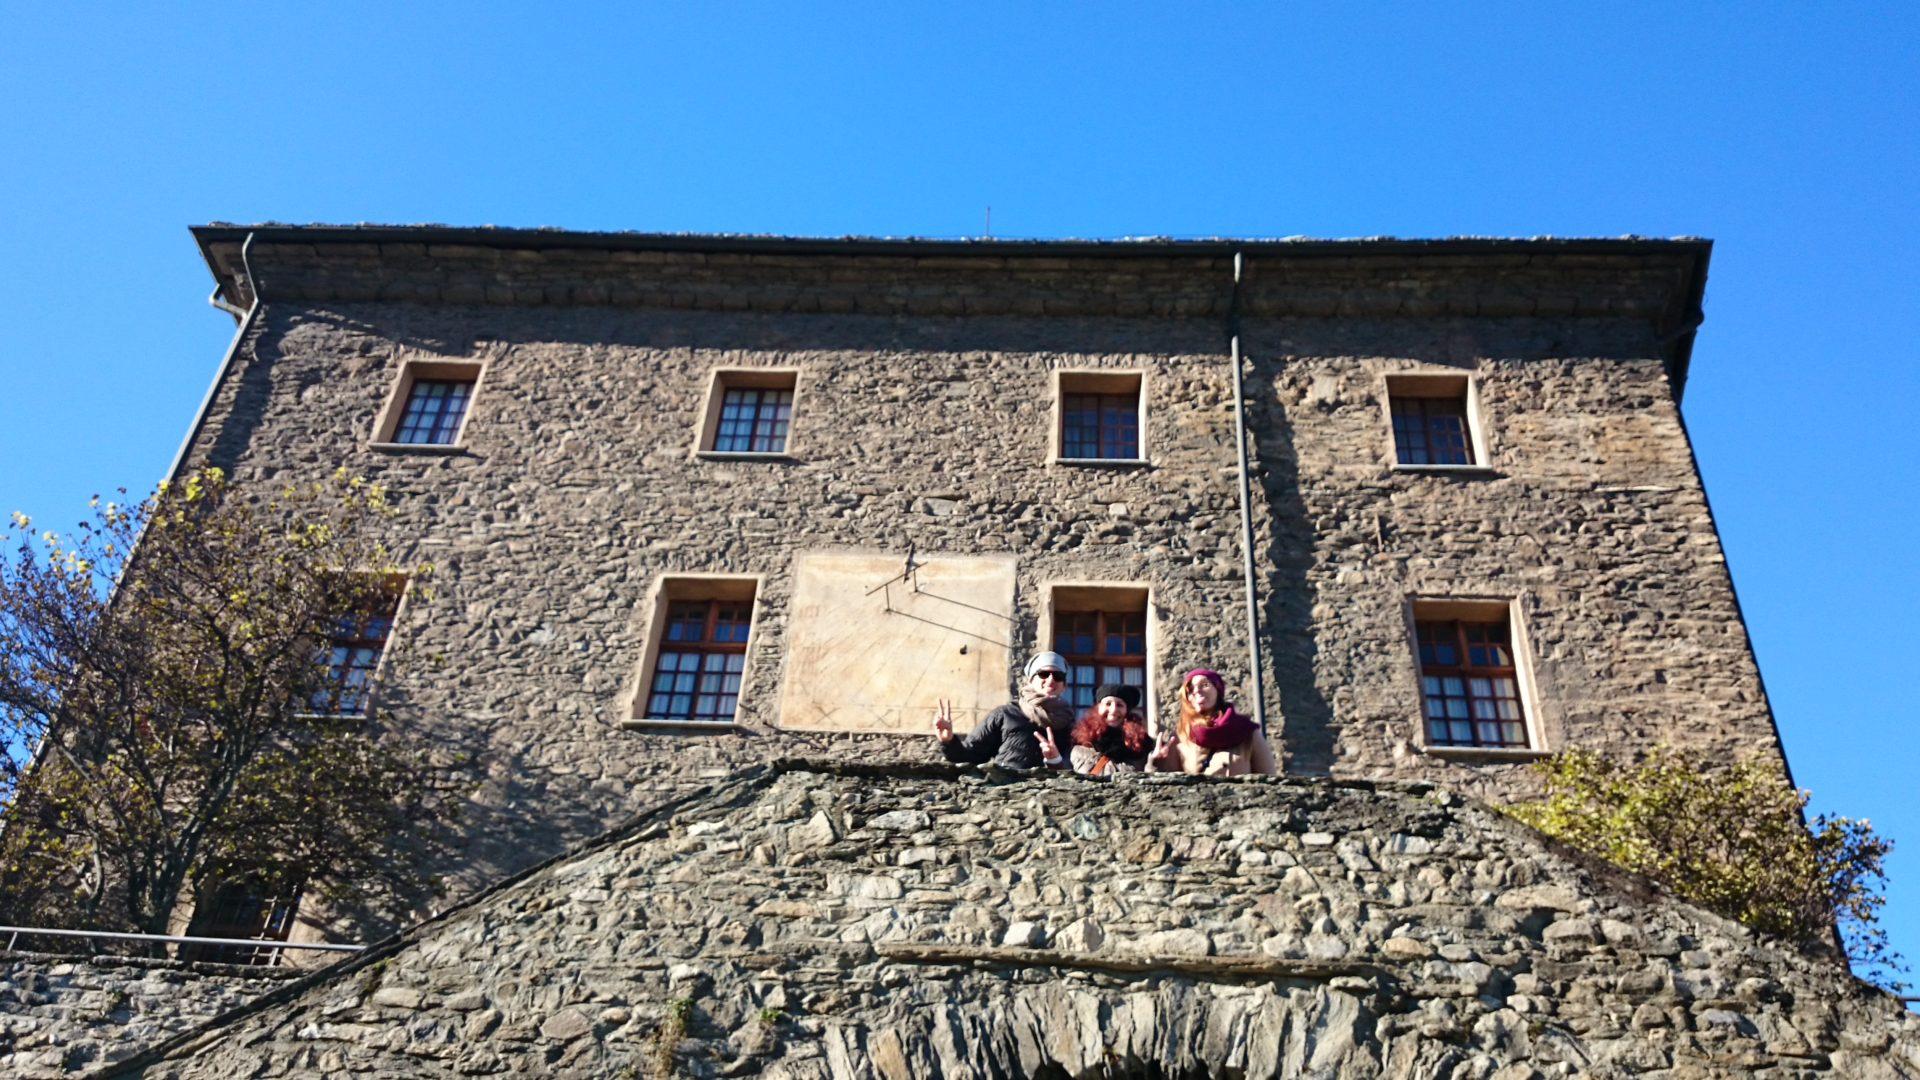 visitare castello reale di sarre aosta cosa vedere